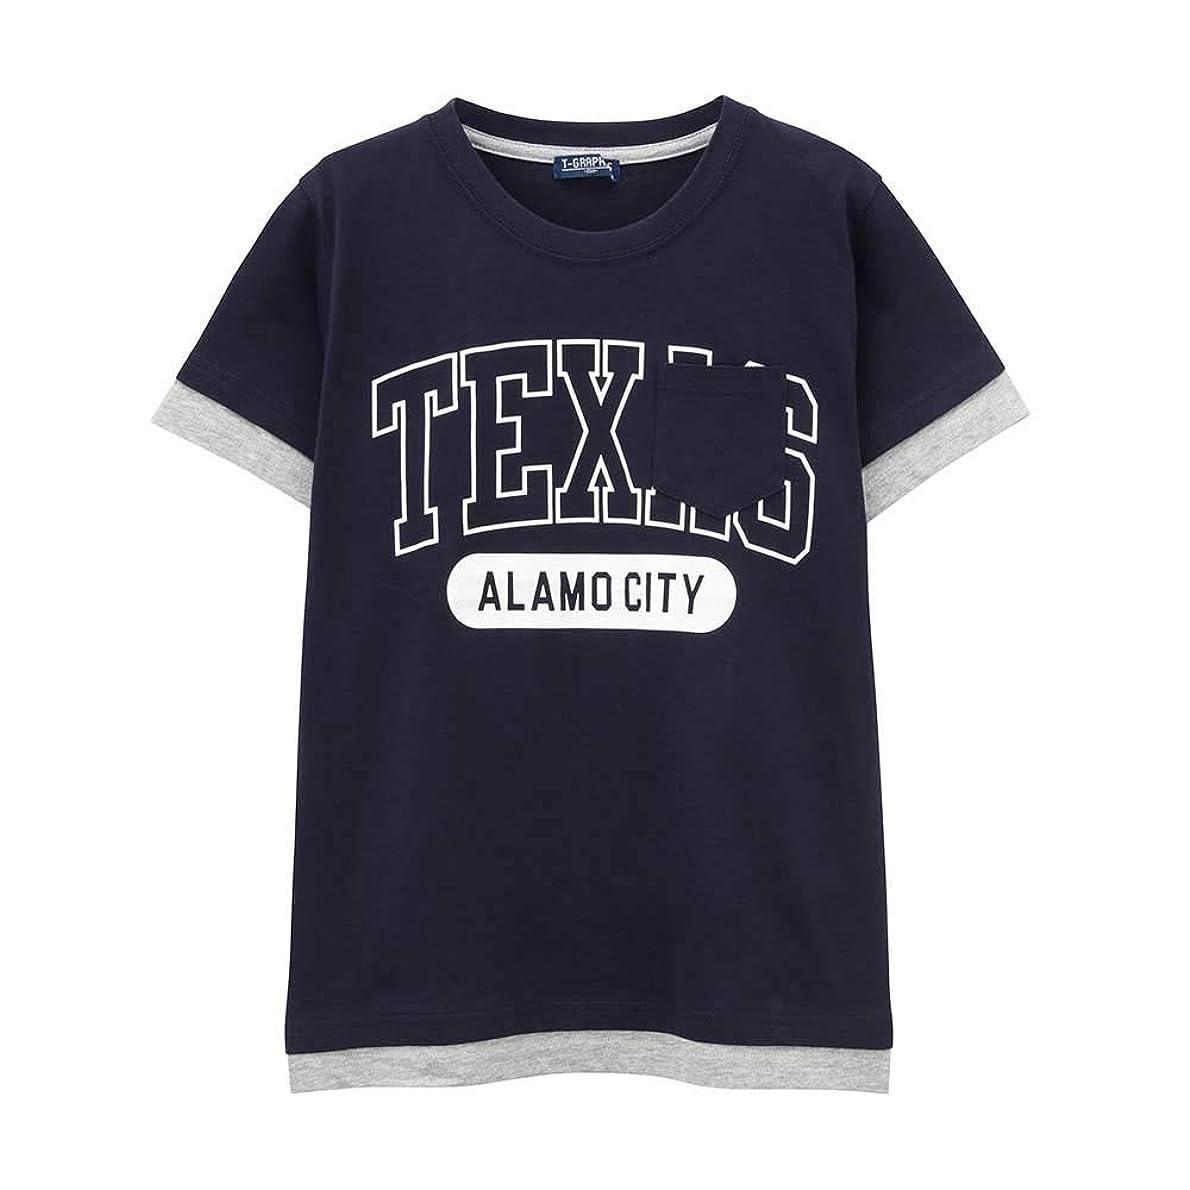 削除するベッドを作る見つけたT-GRAPHICS(ティーグラフィックス) ボーイズ ポケットTシャツ 子ども 男の子 半袖Tシャツ MH/TG742B キッズ